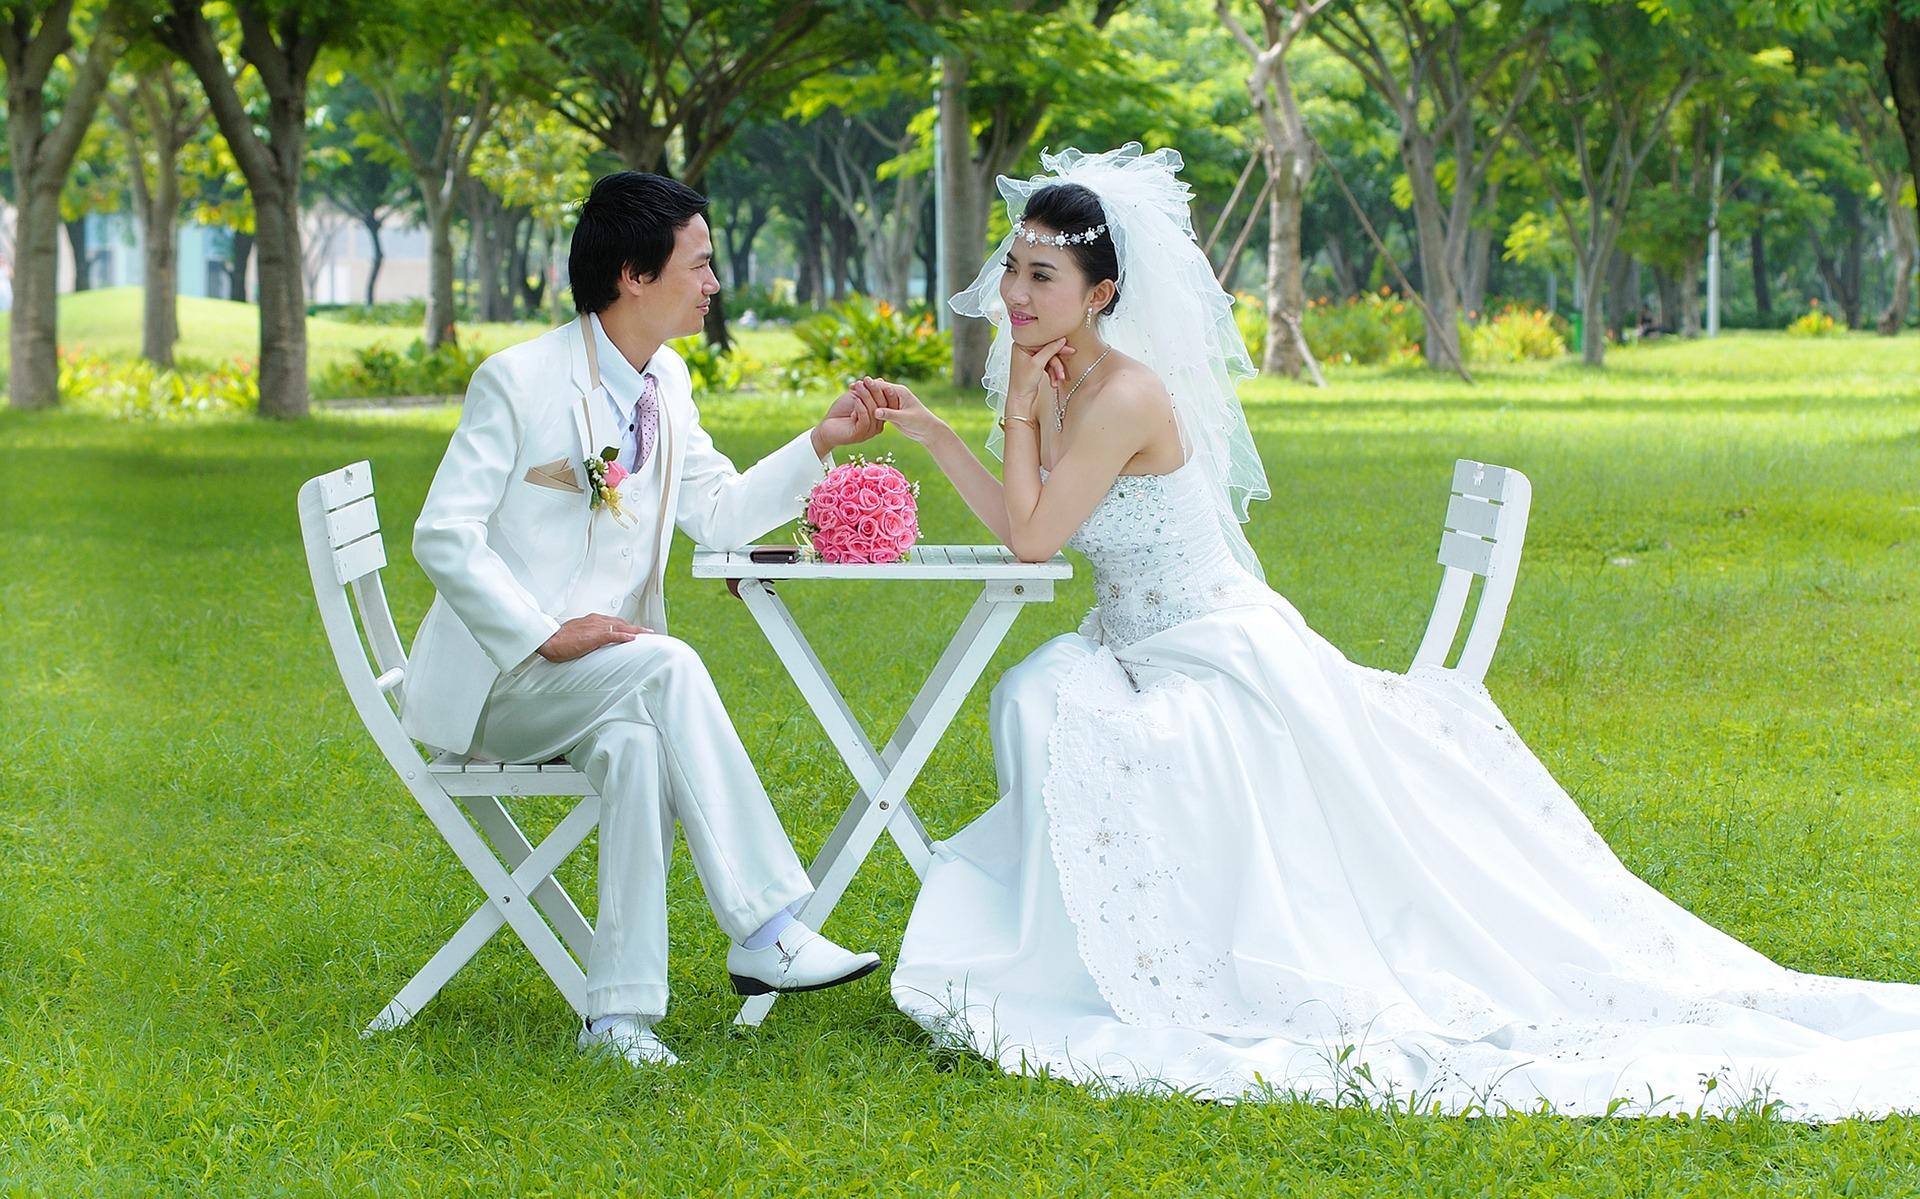 恵比寿でおすすめの結婚相談所をご紹介!